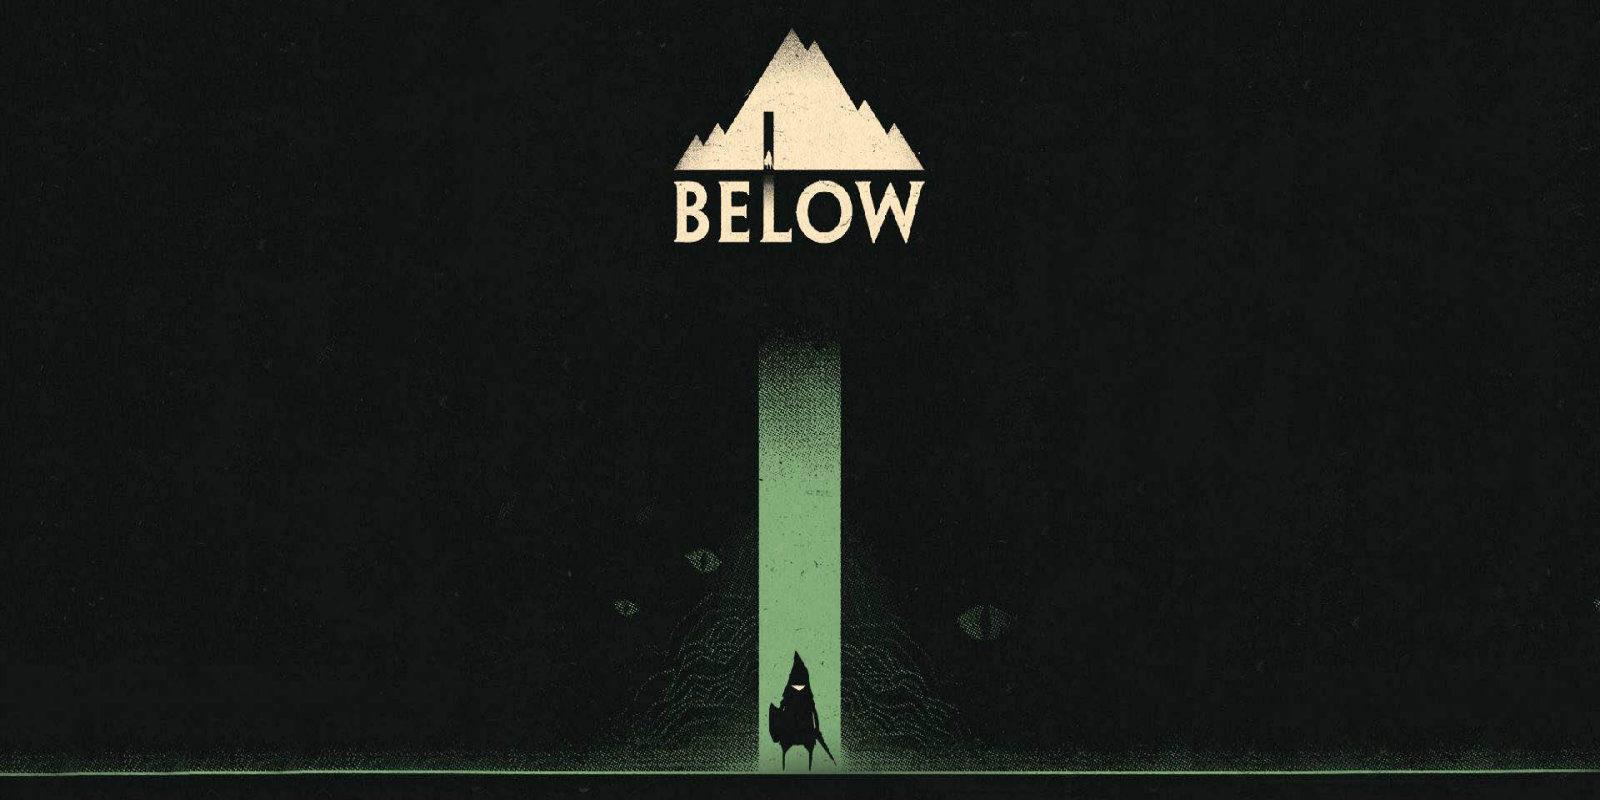 'Below' se retrasa de forma indefinida - Zonared